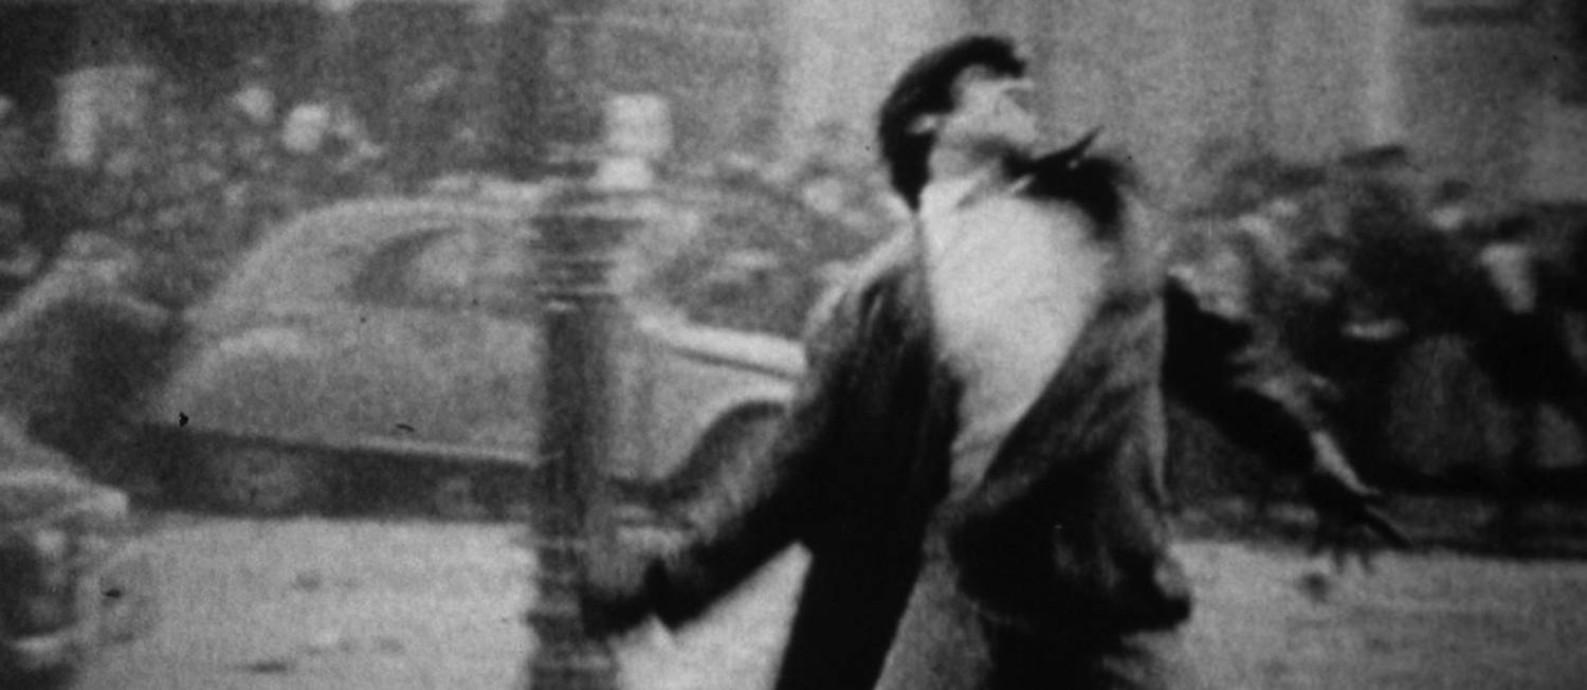 Diretor usou imagens amadoras de revoltas estudantis em Paris e em Praga Foto: Divulgação